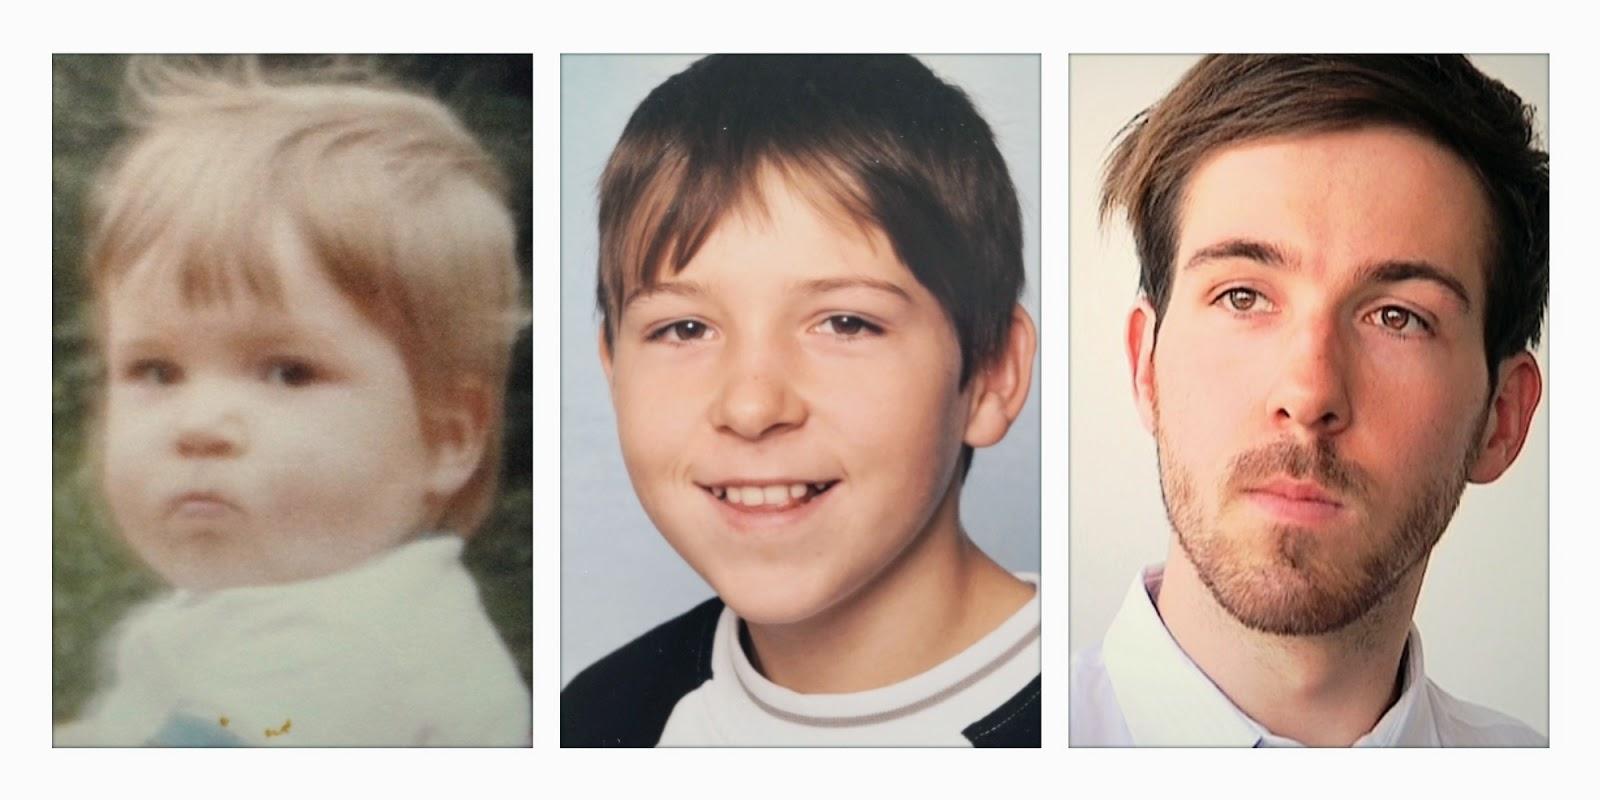 Hinzmann: Kindheit, Karriere und ADHS